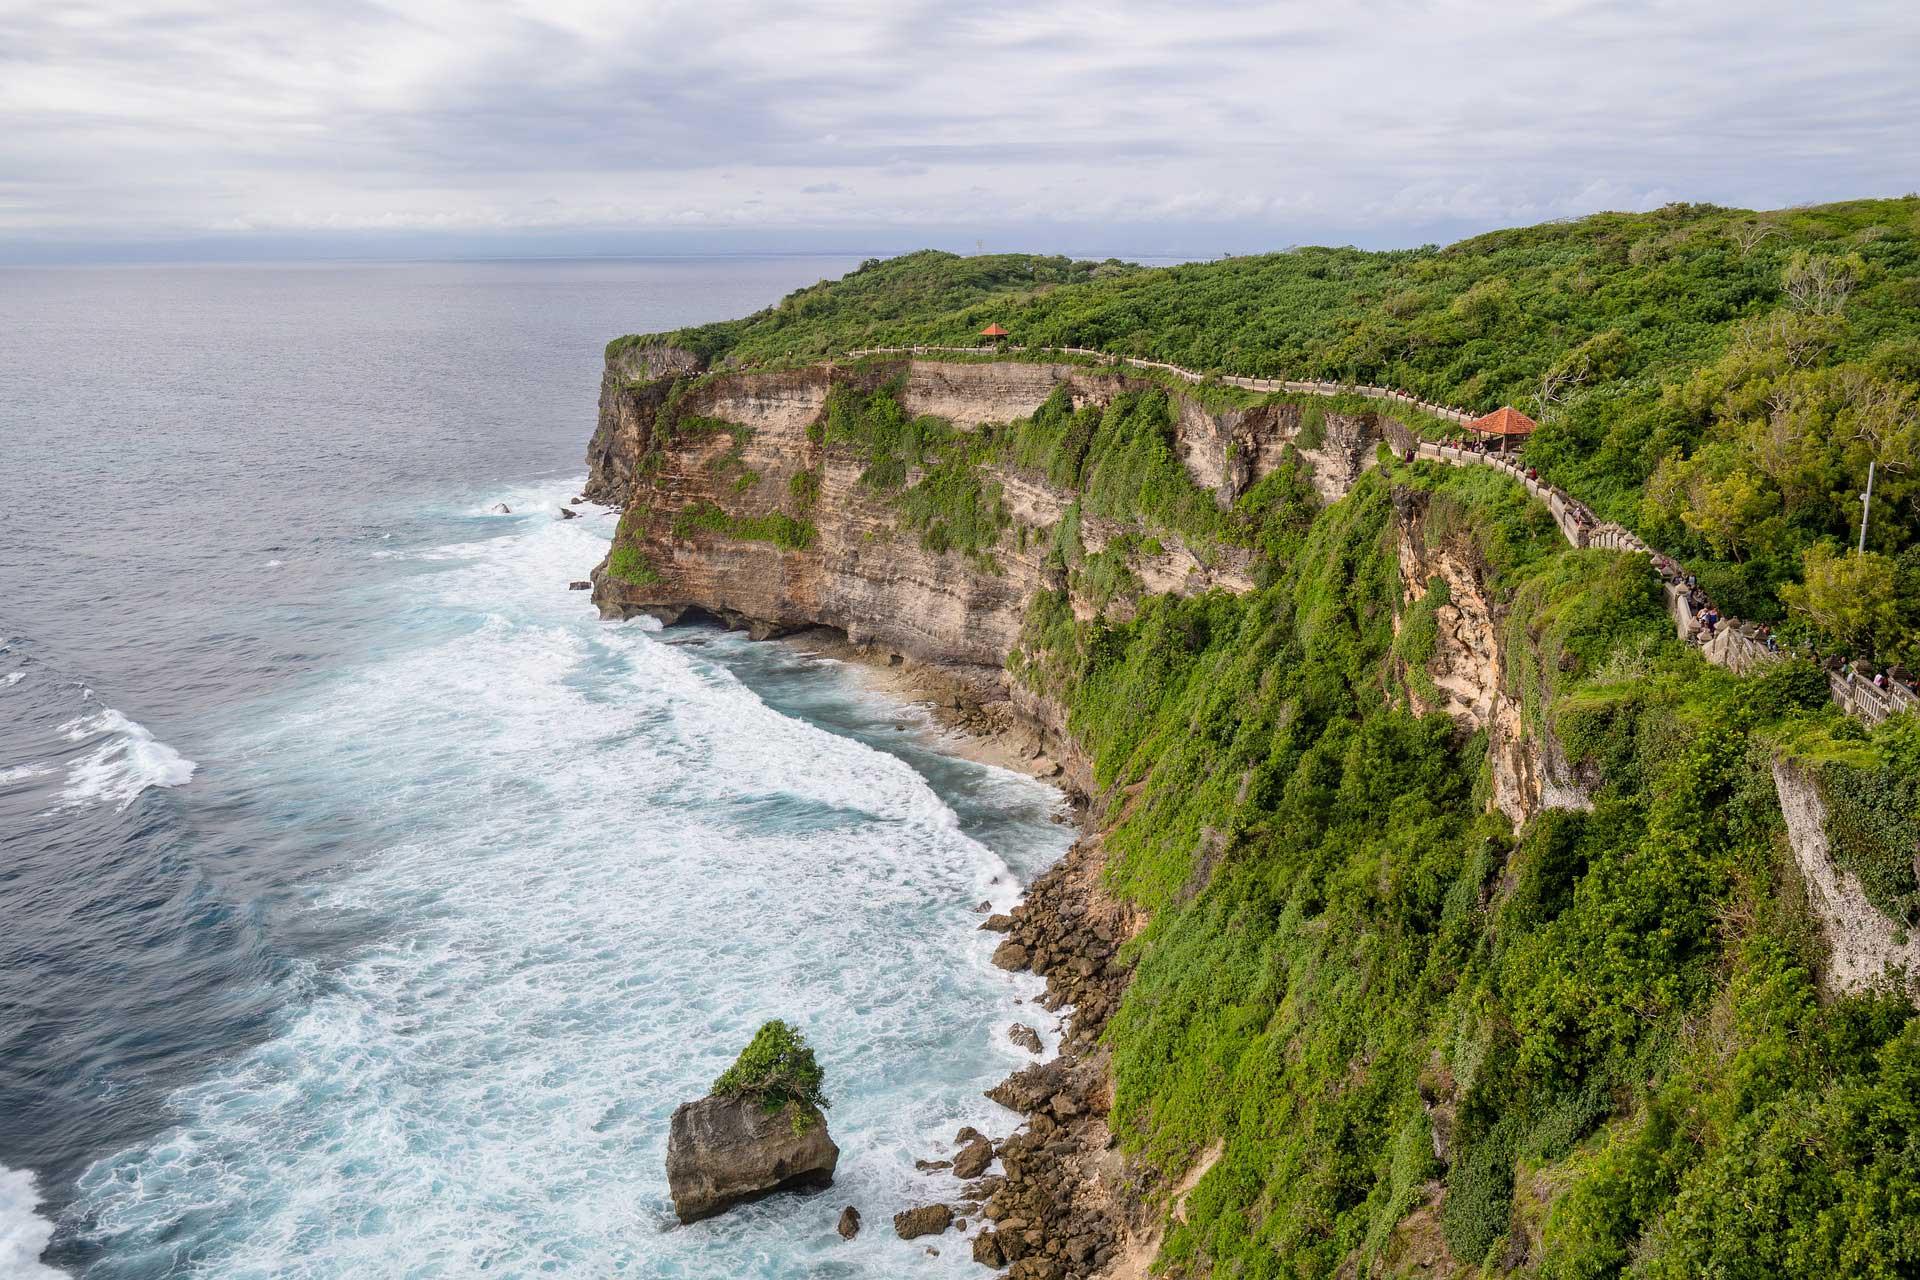 Wanderung an der Küste von Bali